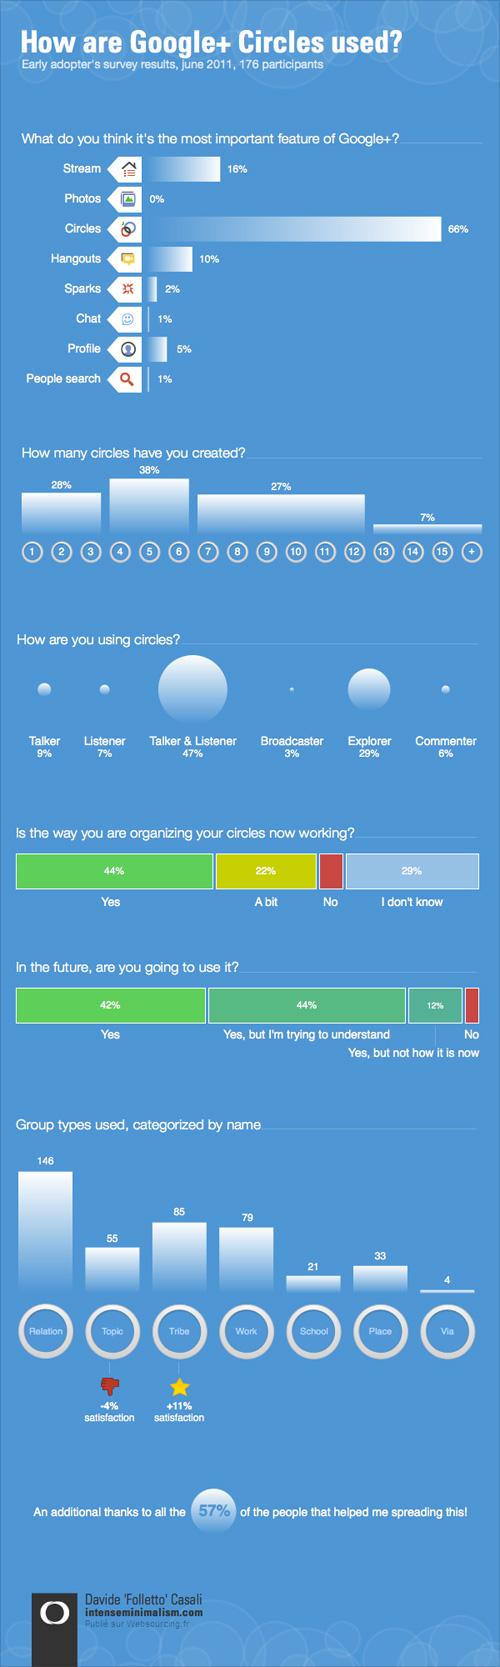 Google Plus : Infographie des cercles